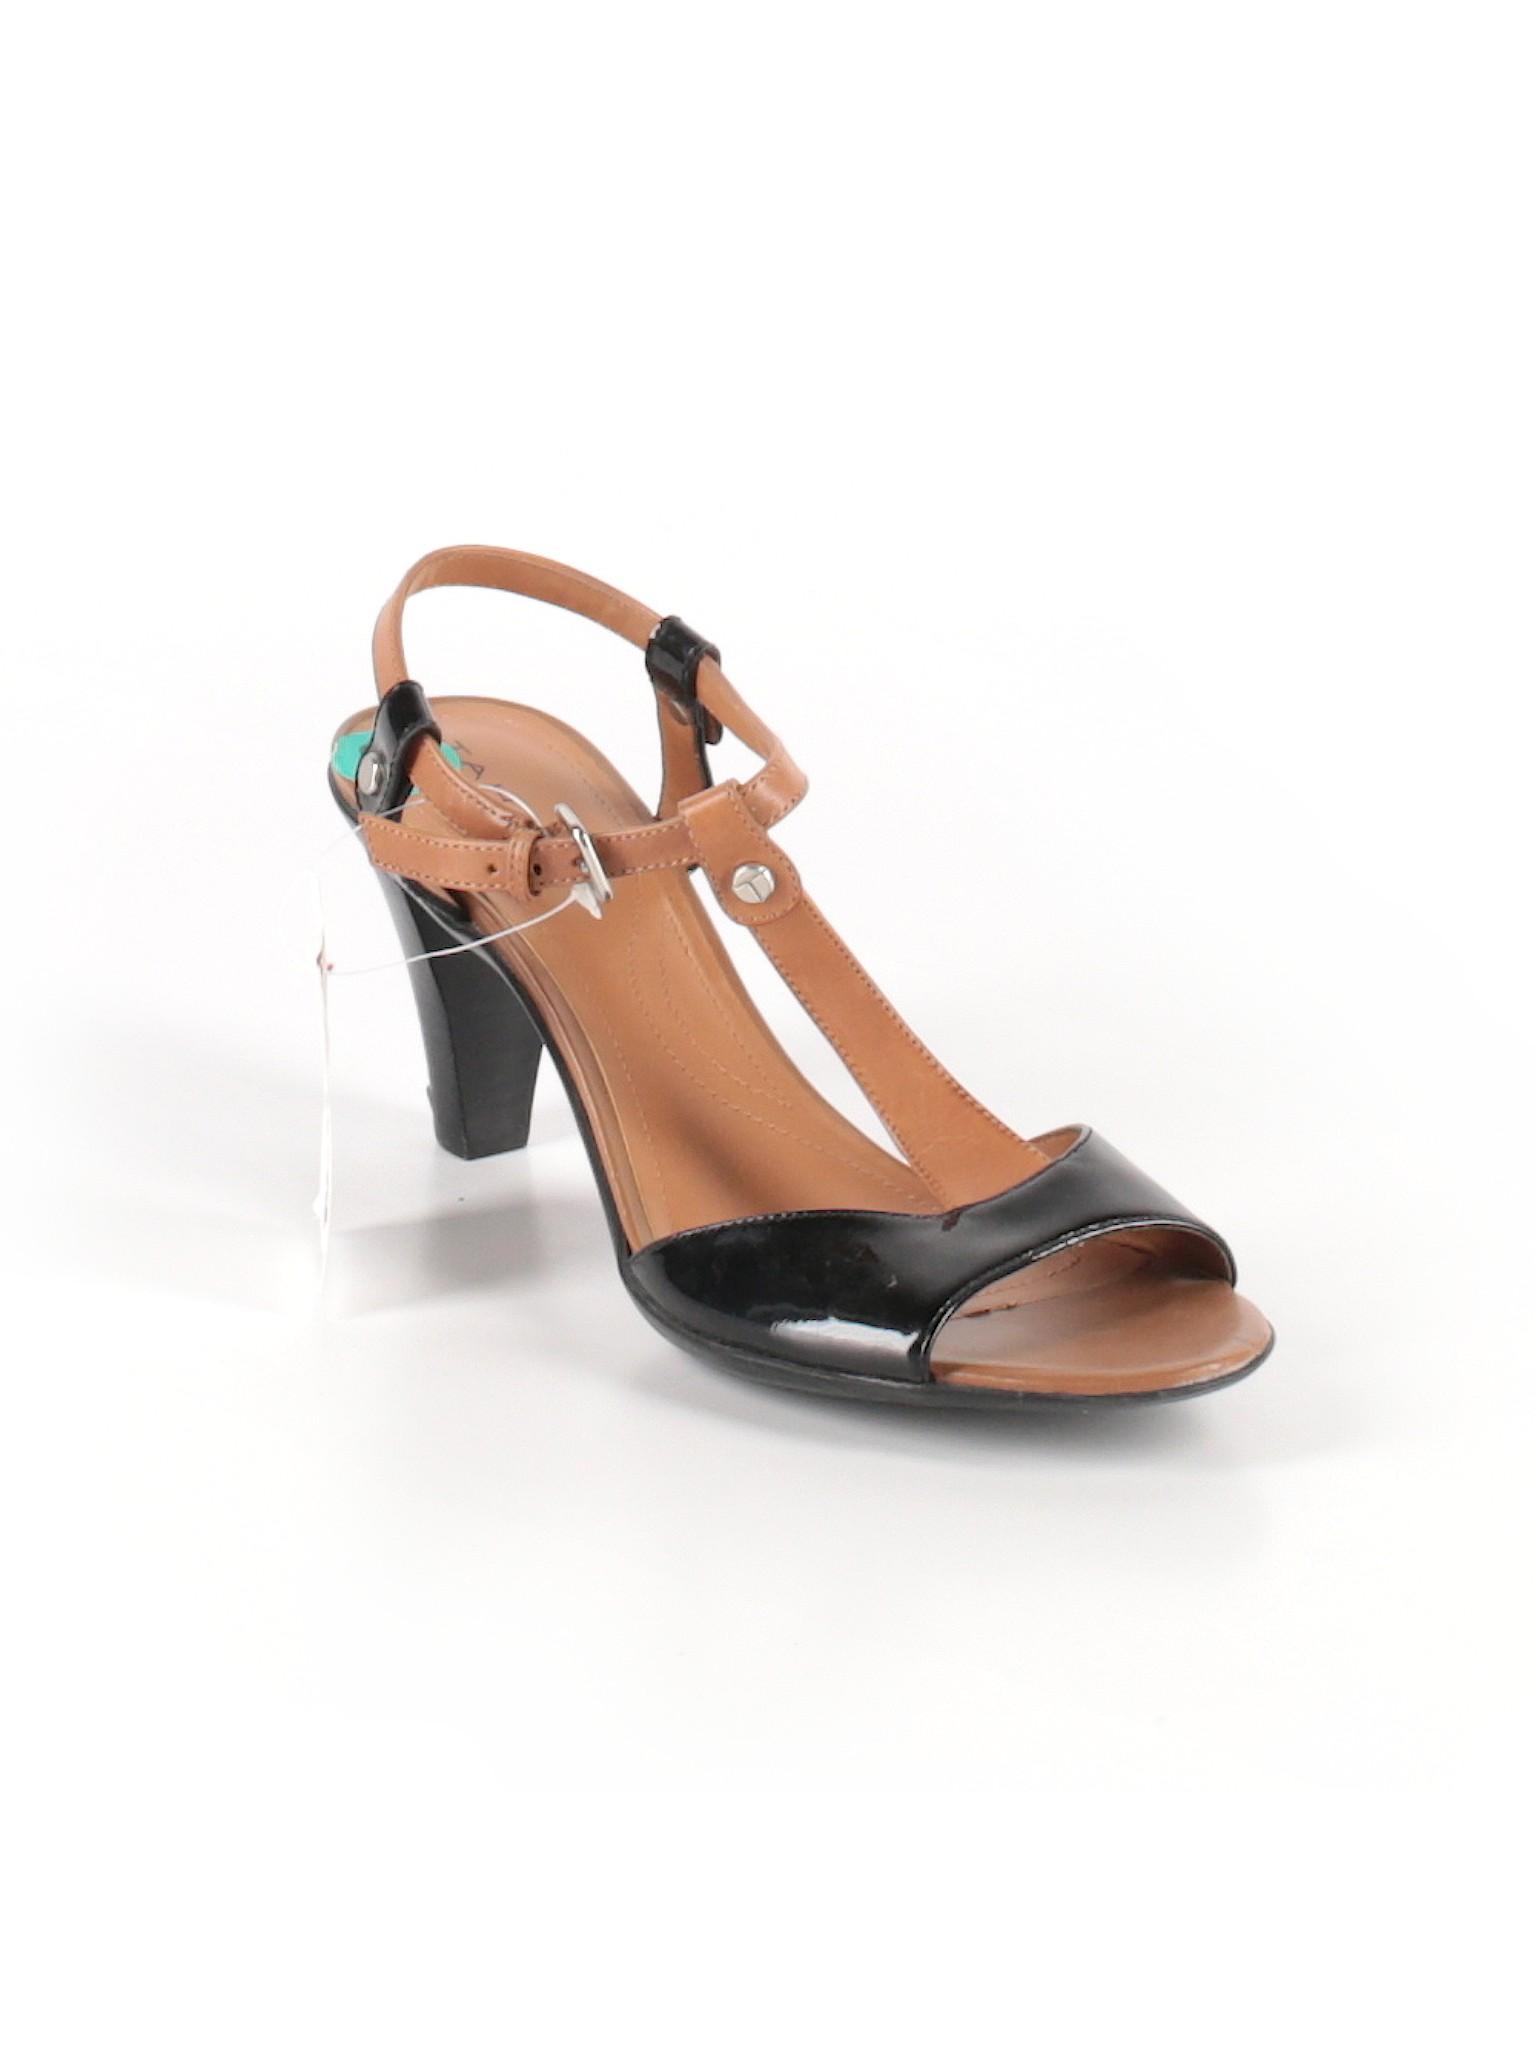 Heels Tahari Boutique promotion Boutique promotion Tahari dXxqZwF